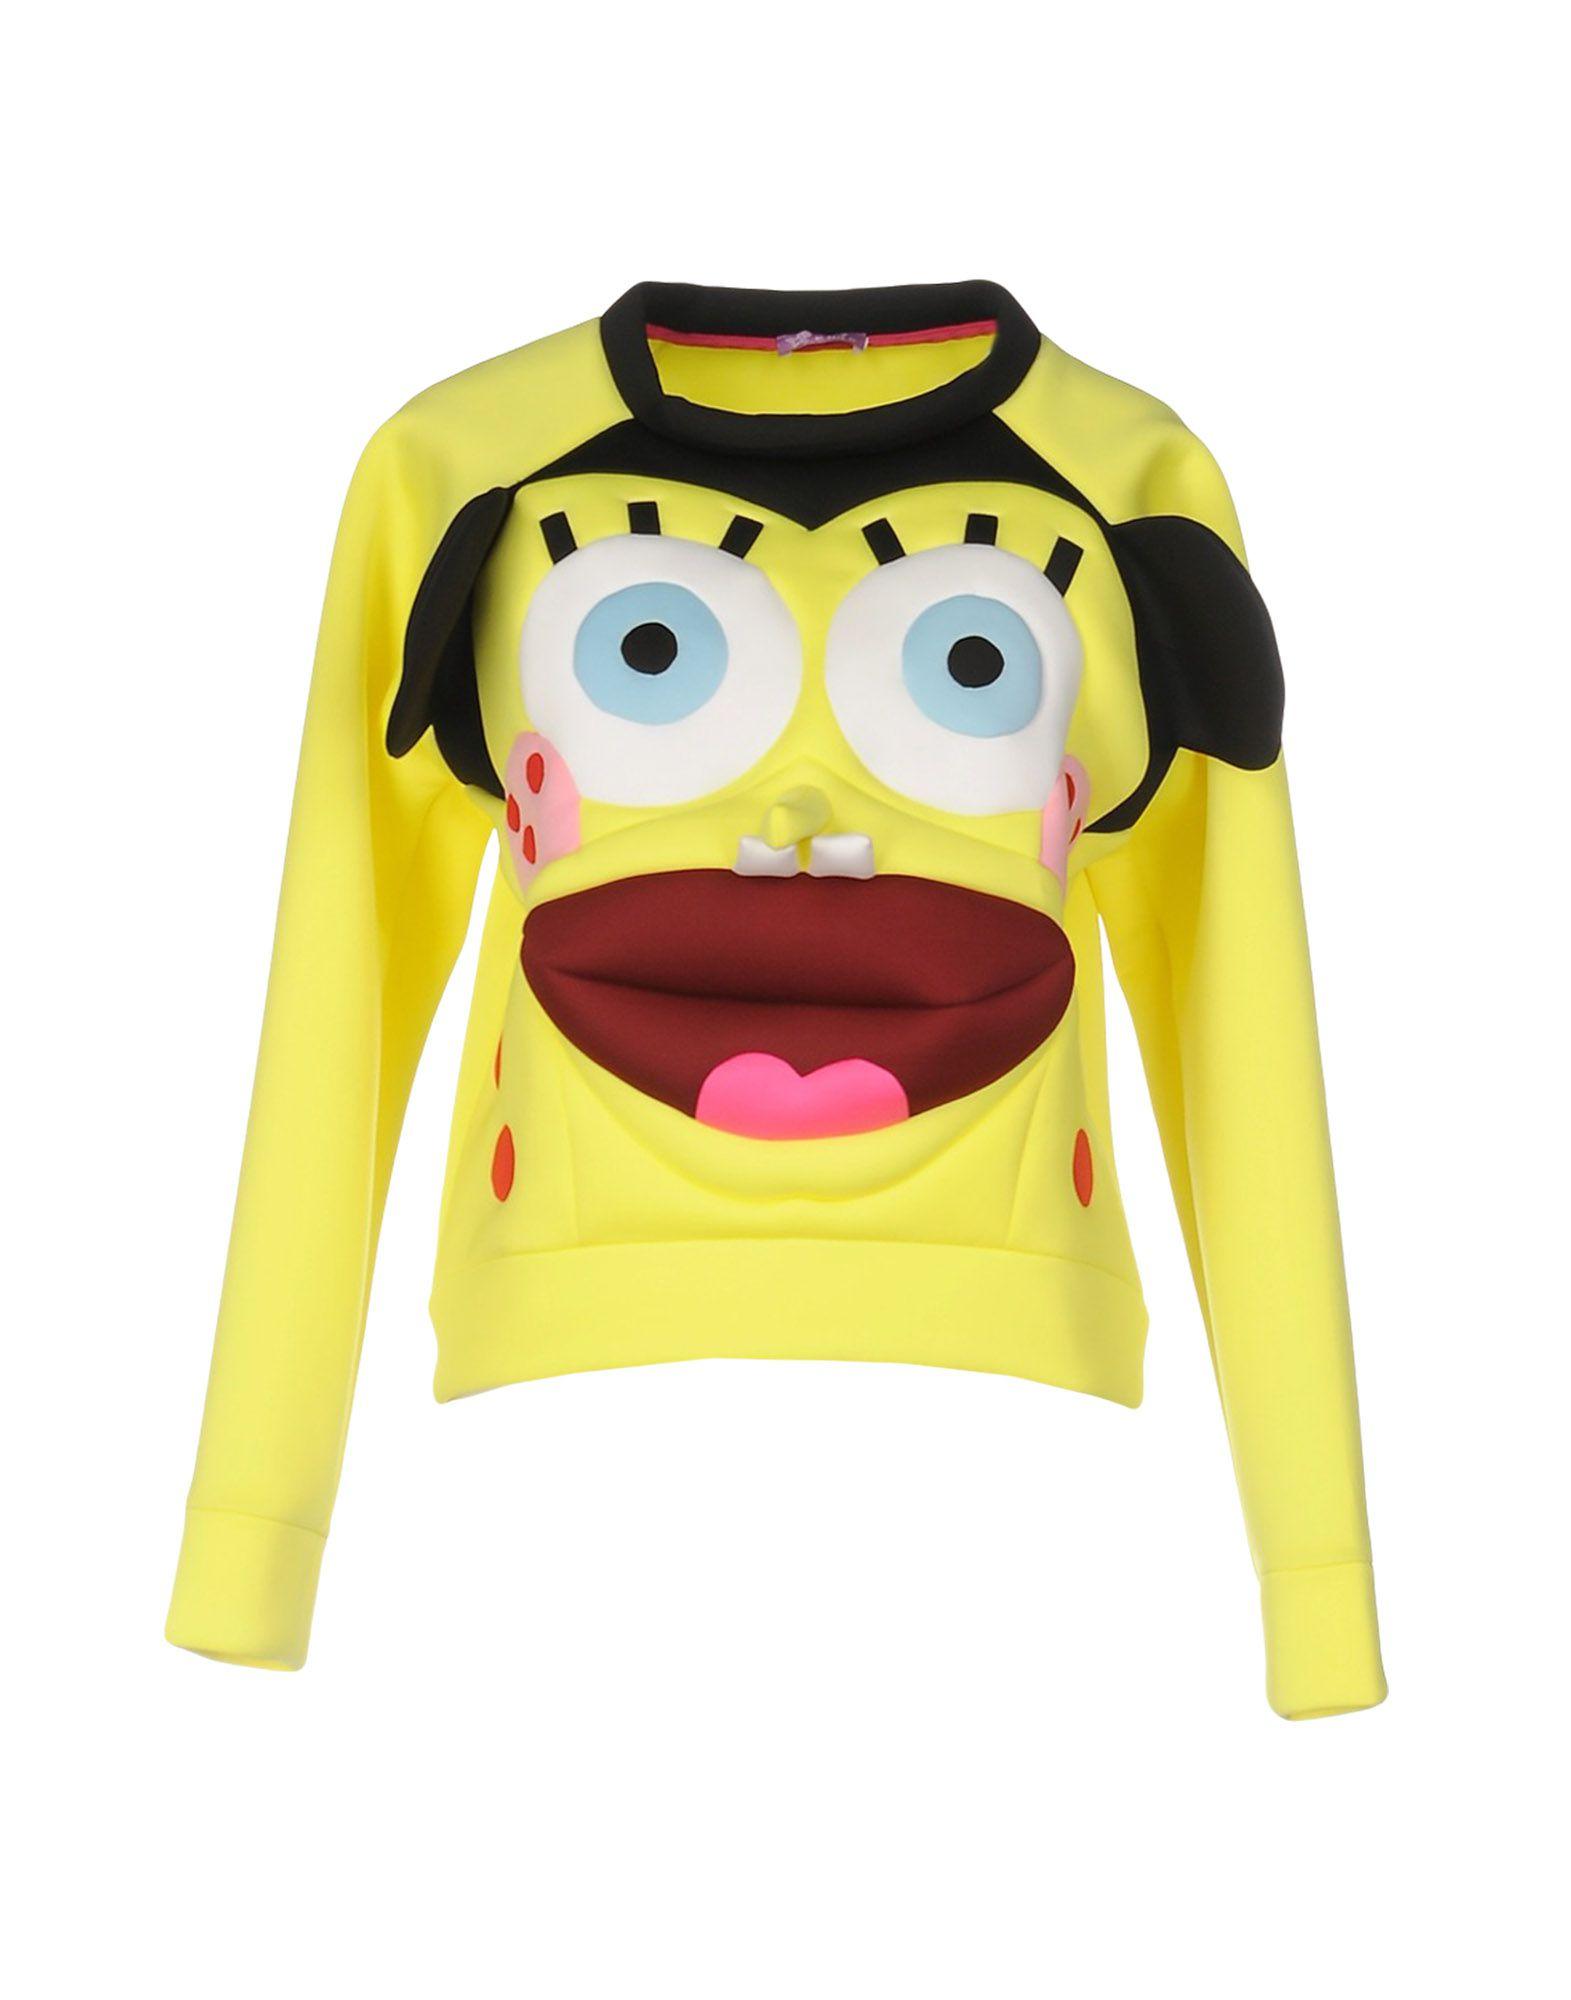 YANG DU Sweatshirt in Yellow